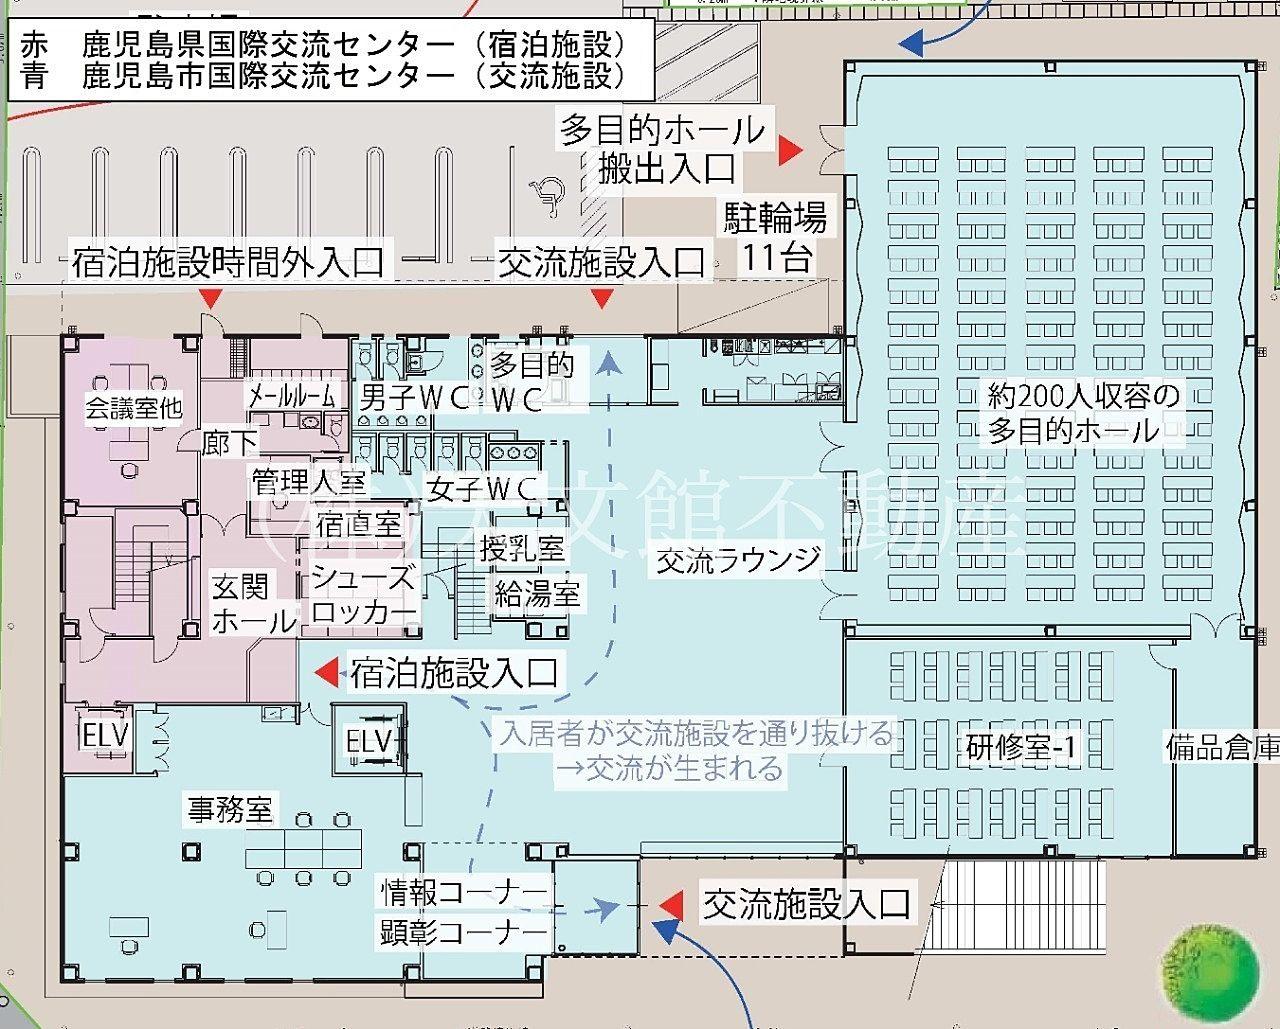 鹿児島市加治屋町の鹿児島国際交流センターの1階の見取り図